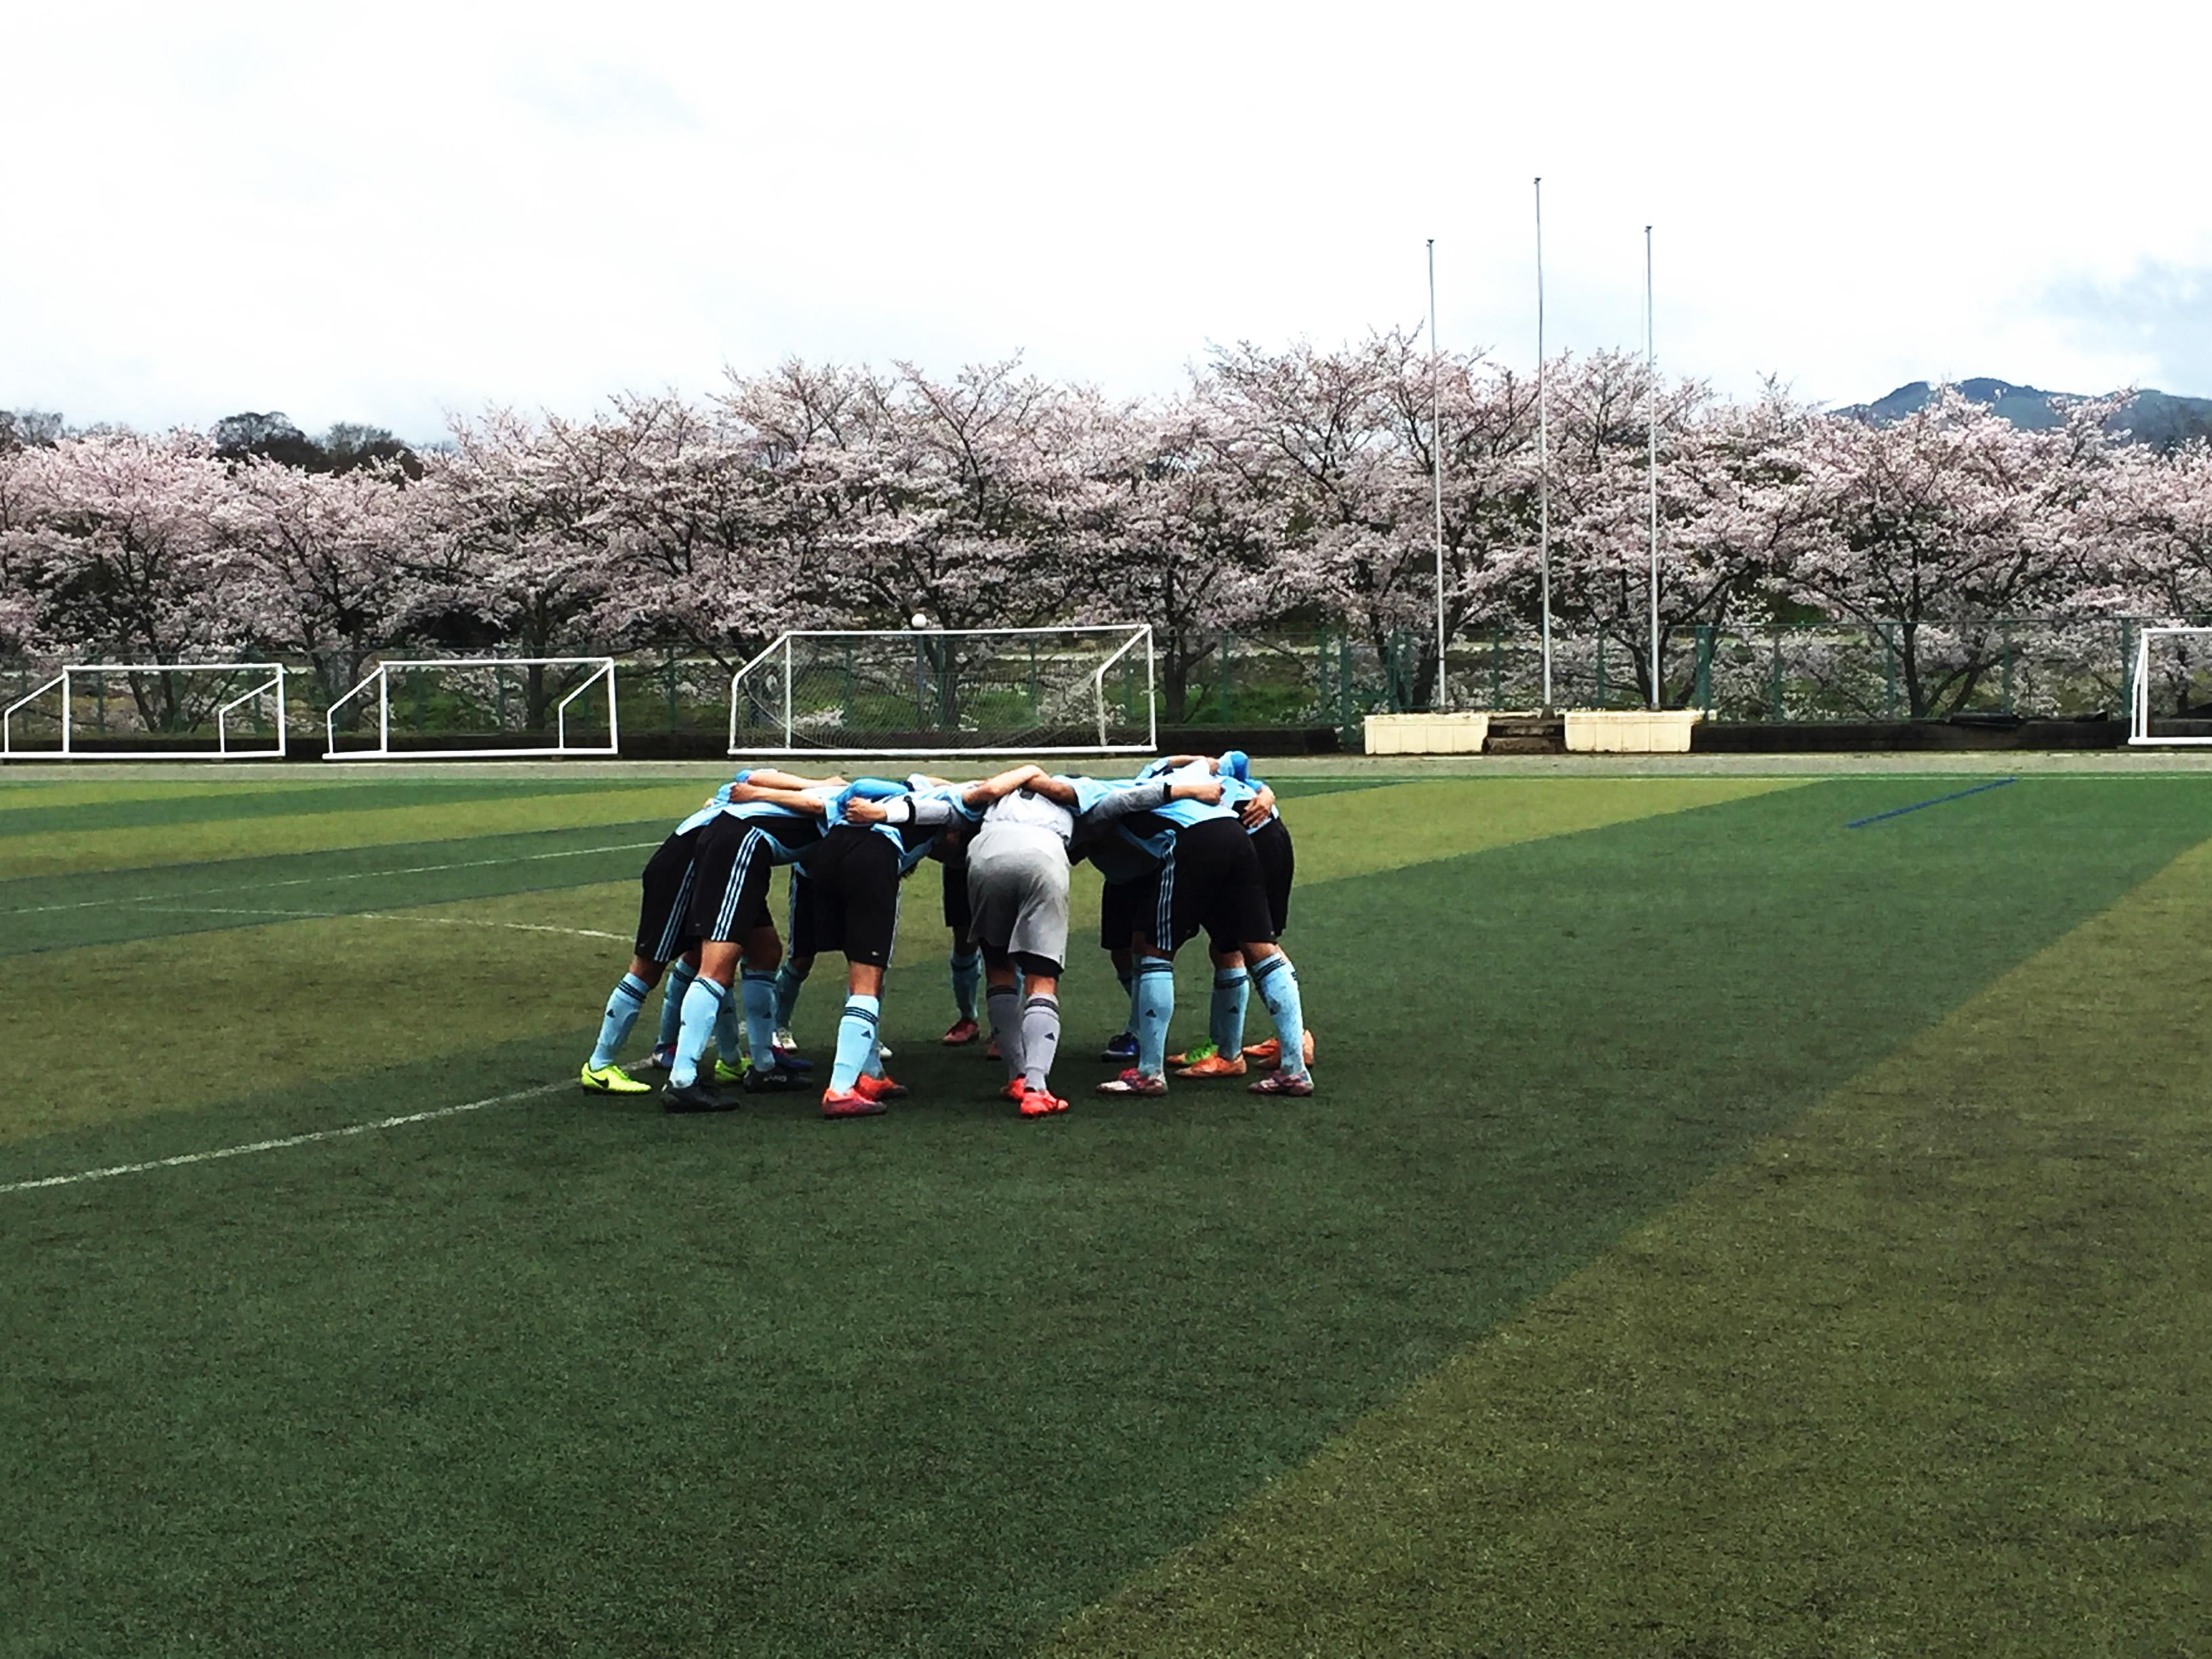 2017年度 奈良県クラブユースサッカー(U-15)選手権